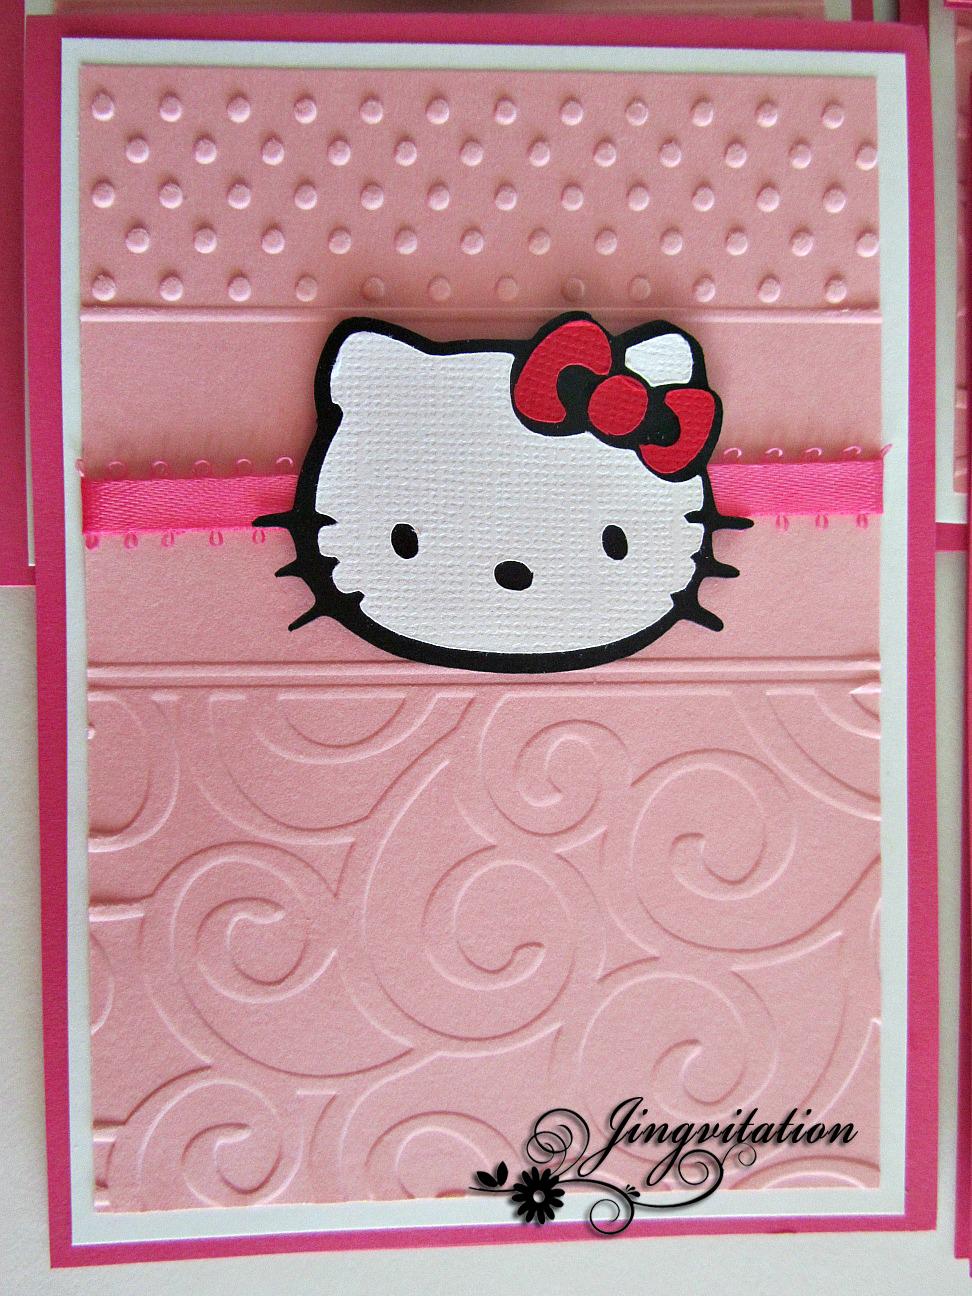 Contoh Undangan Pernikahan Surat Undangan Pernikahan Hello Kitty